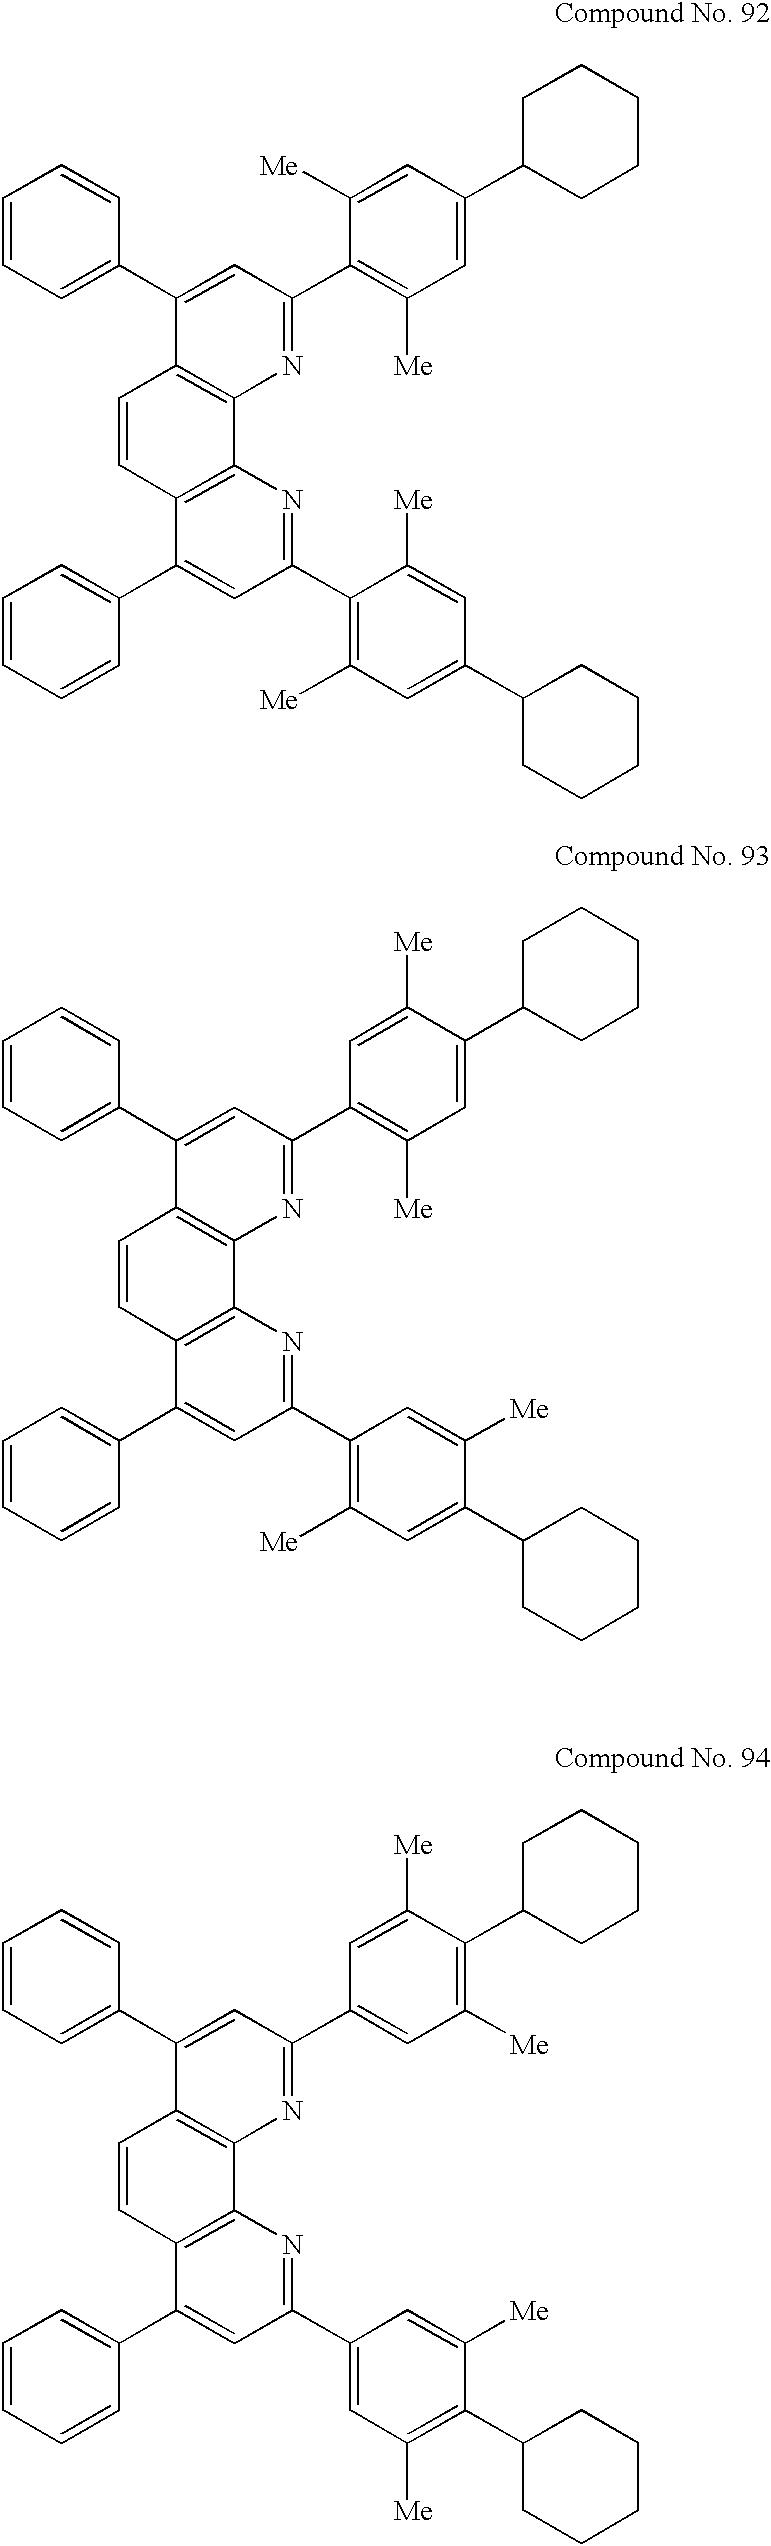 Figure US06524728-20030225-C00027